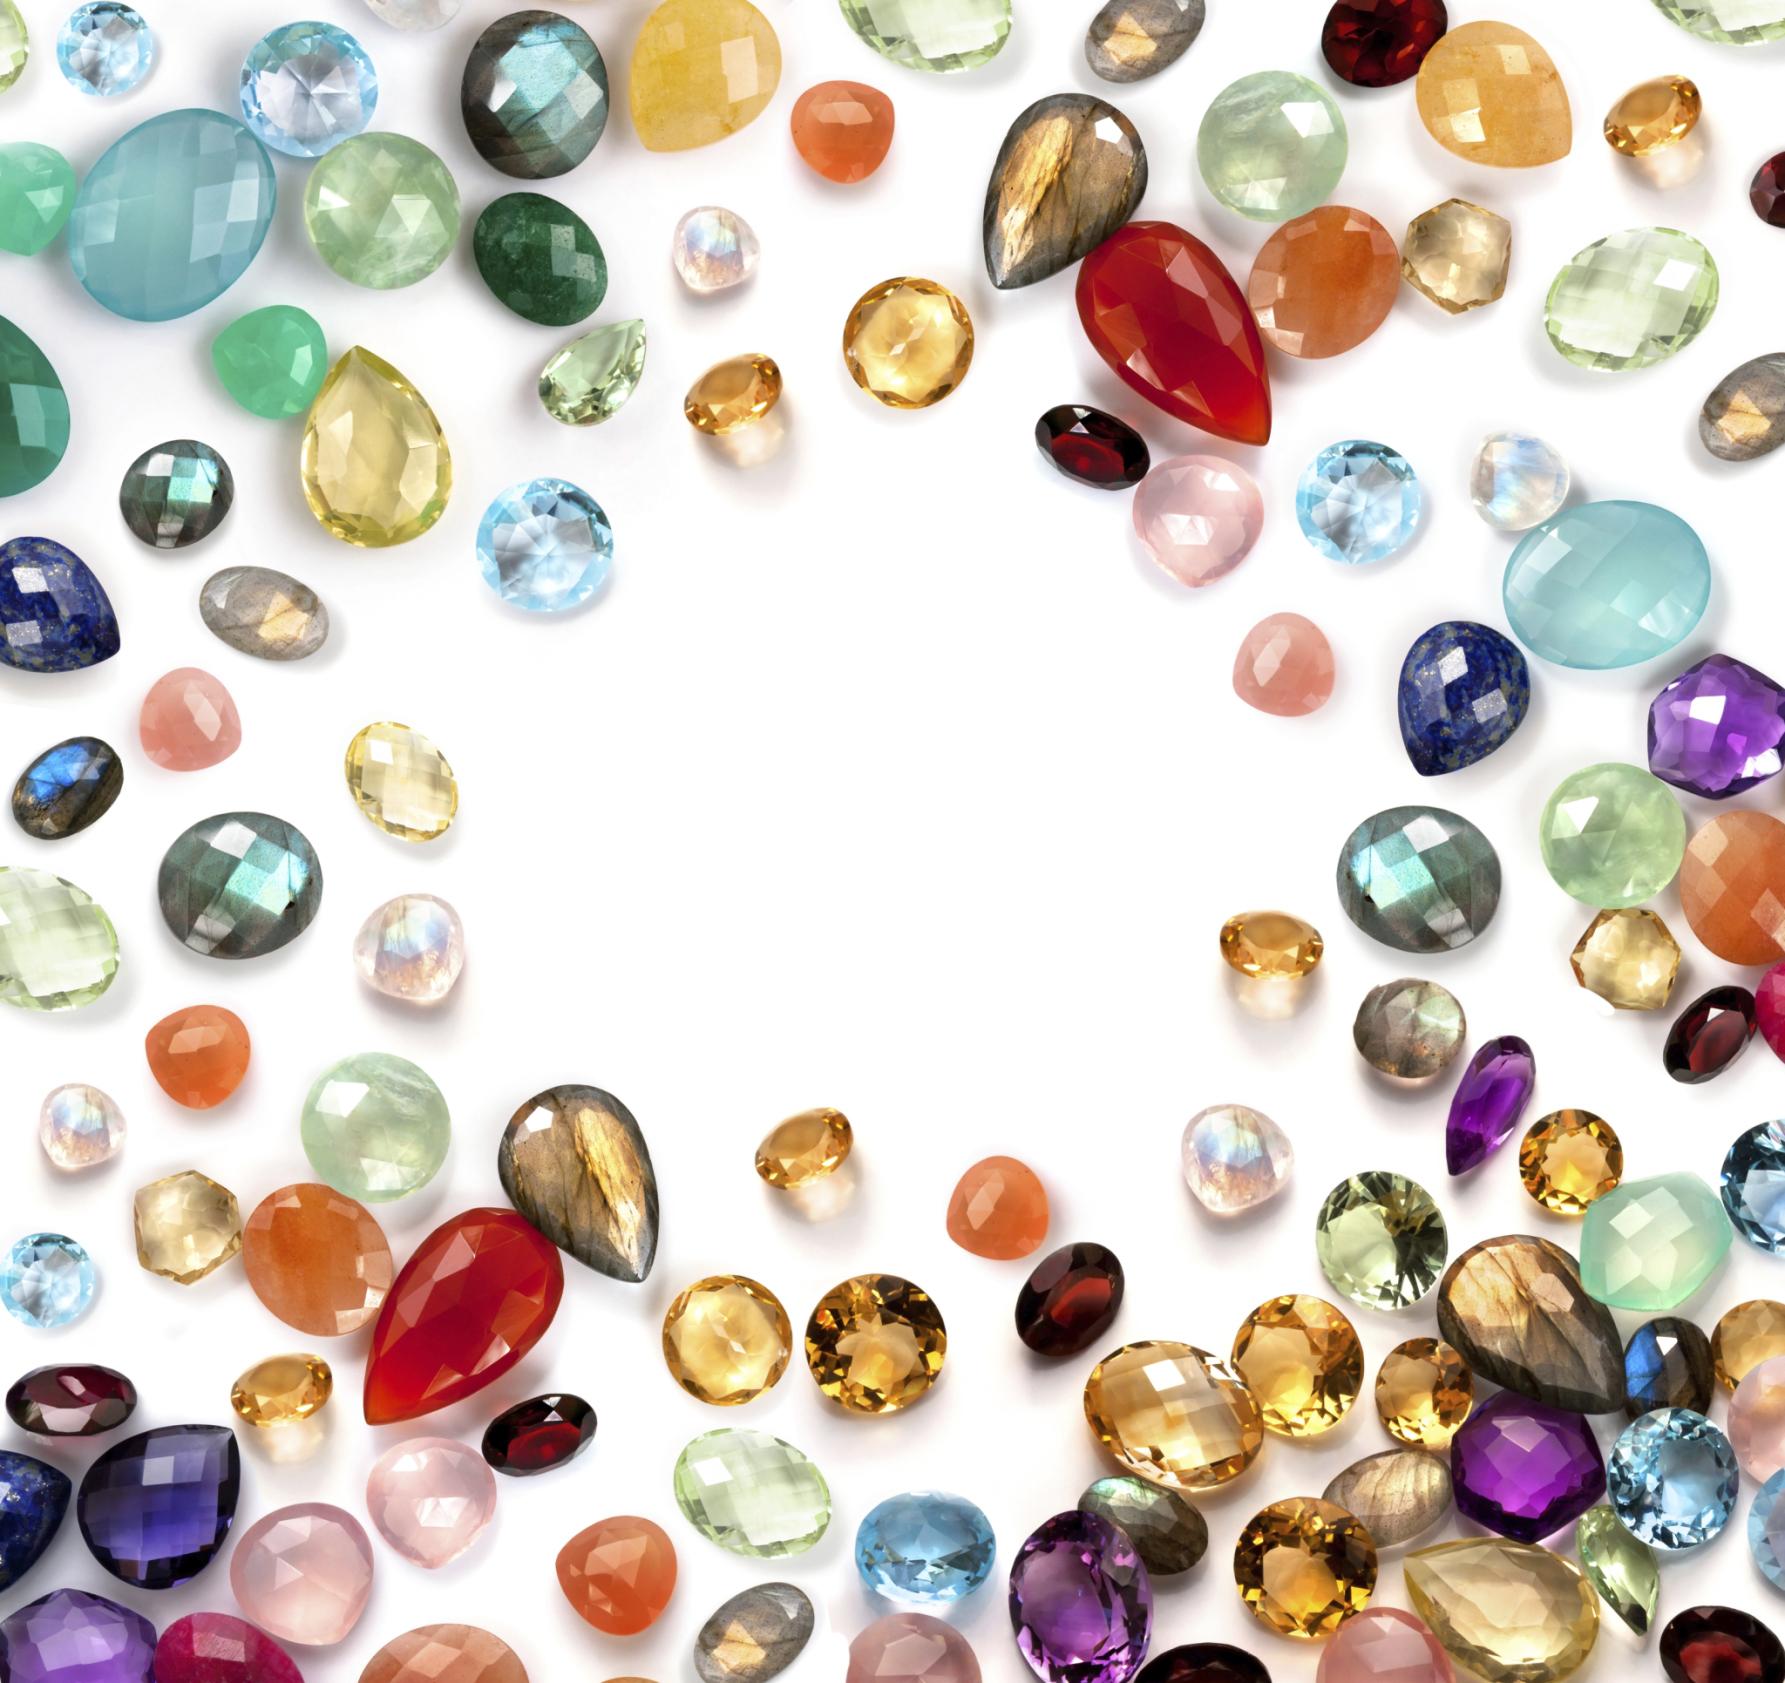 картинки драгоценных камней на прозрачном фоне забыть свою